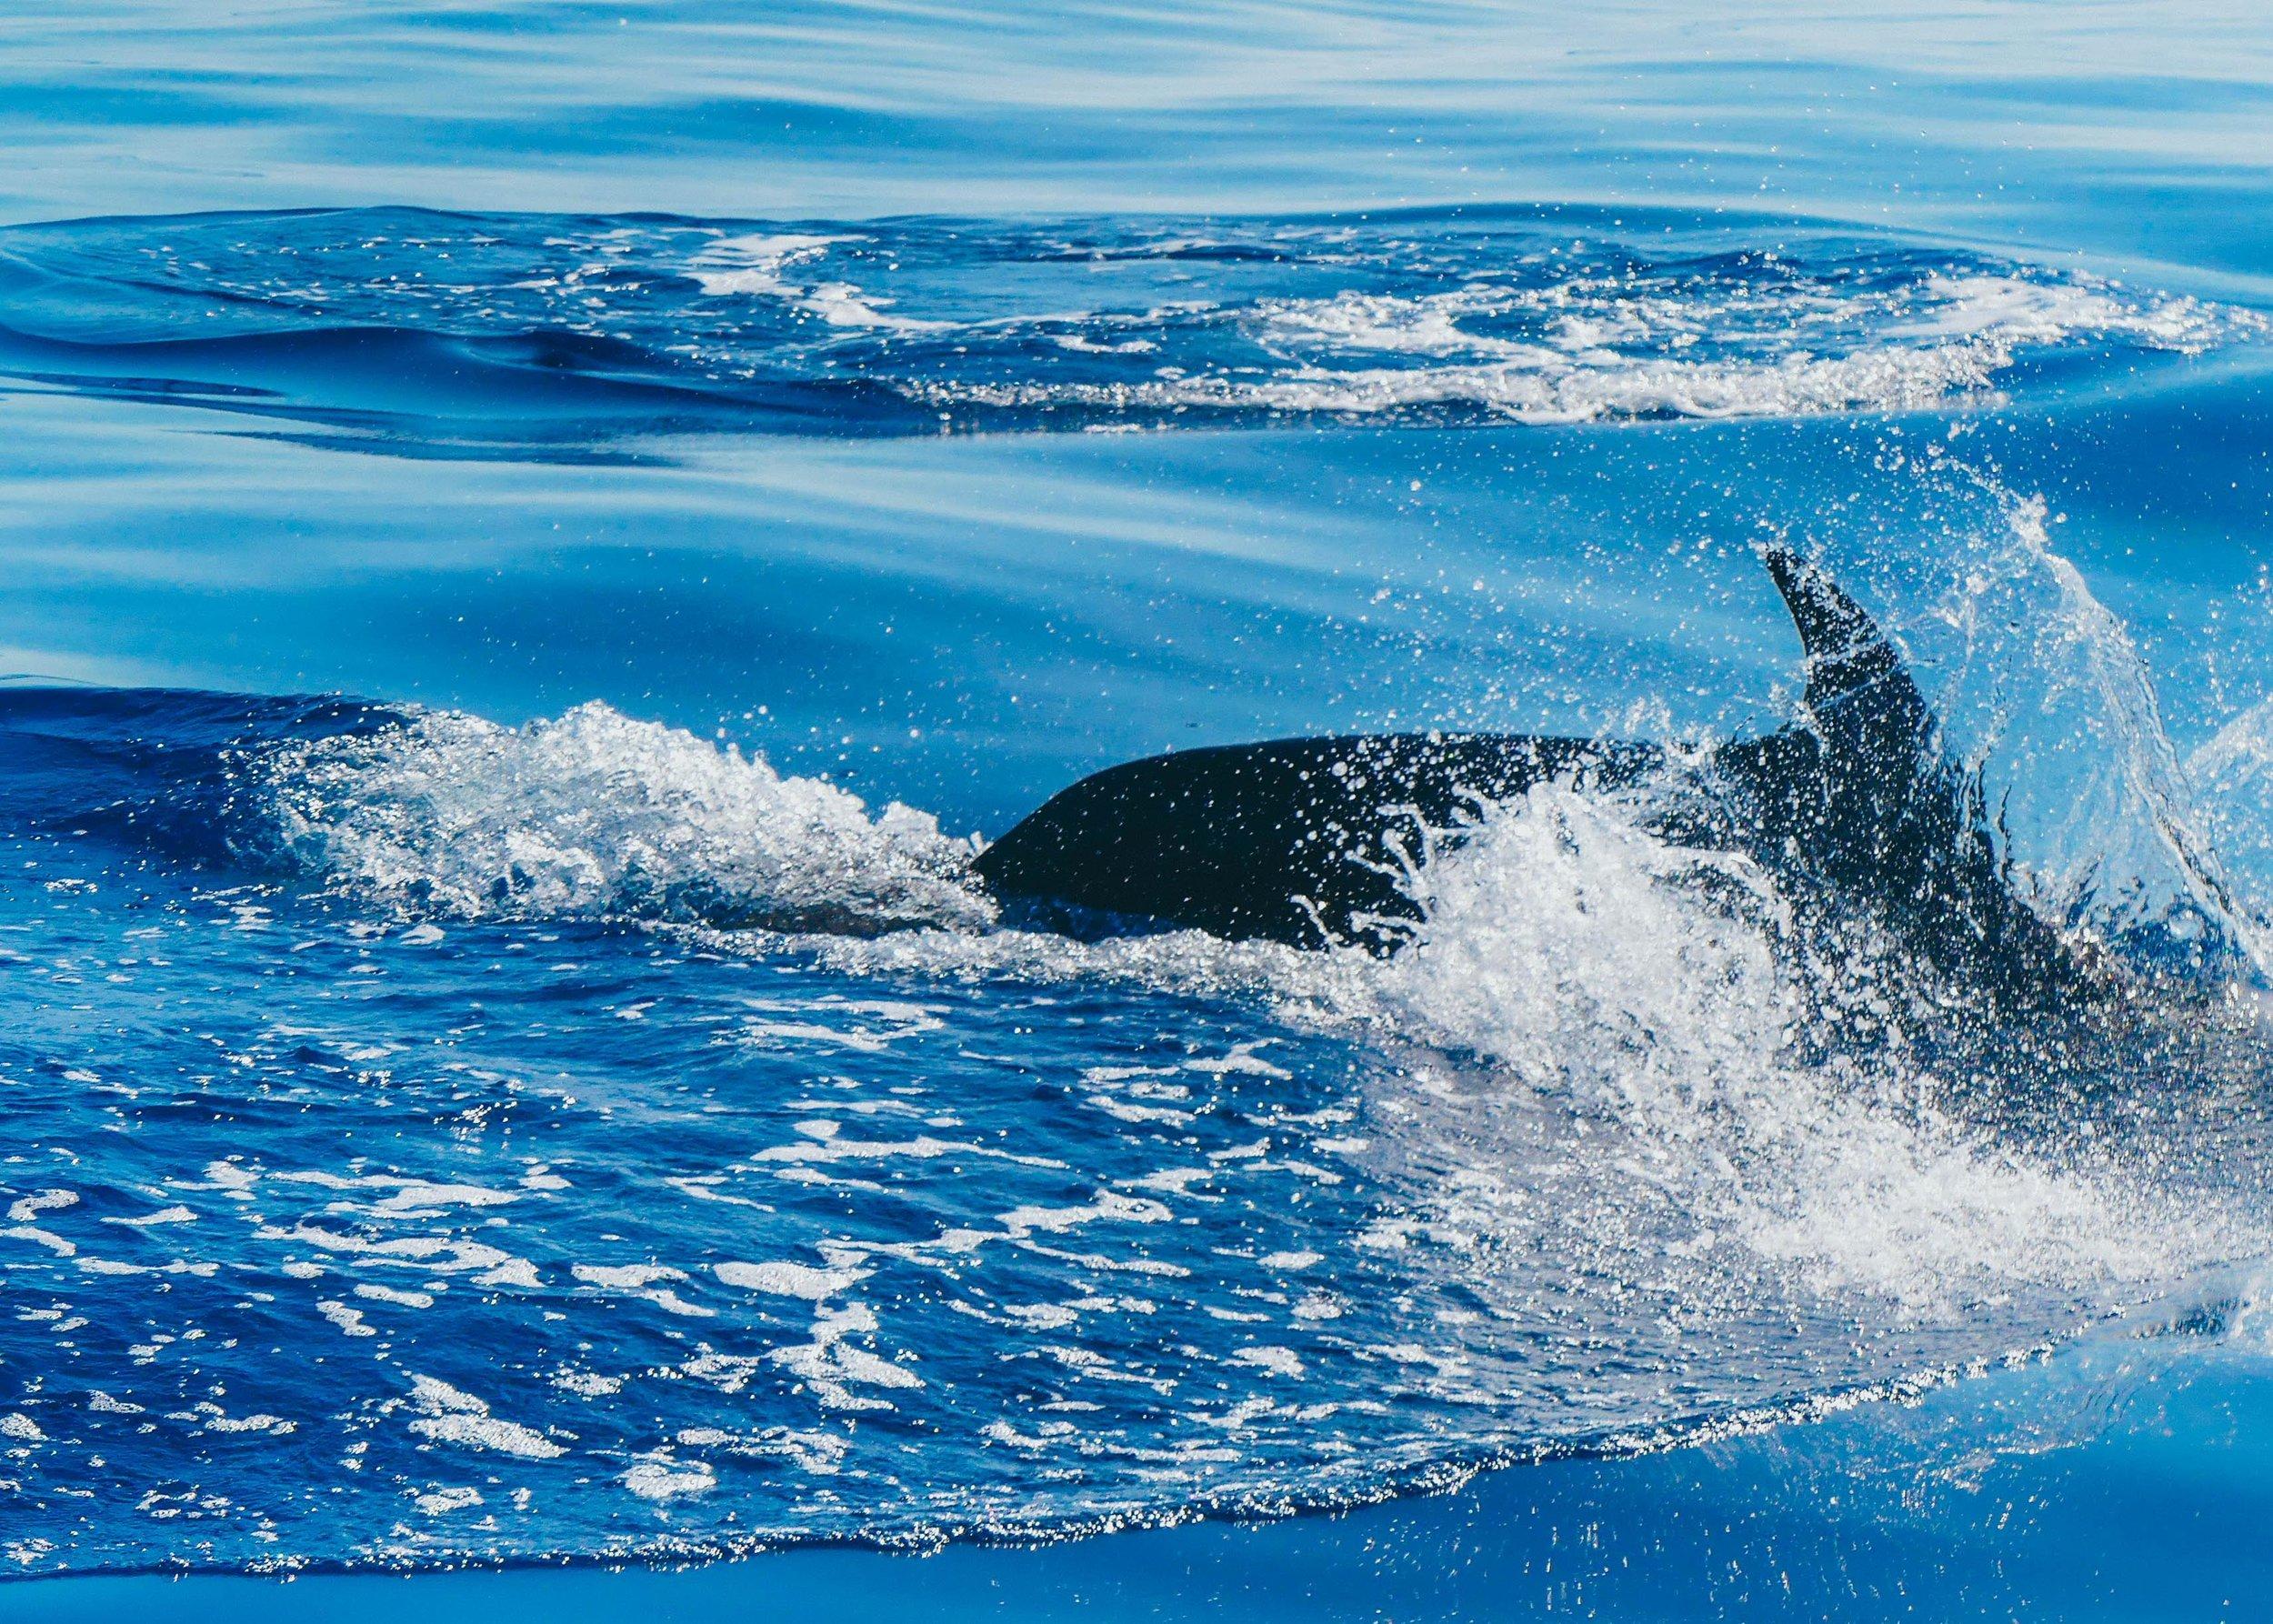 Pääset näkemään valaita ja delfiinejä todennäköisesti jokaisella merimatkalla, koska monet näistä meressä asuvista nisäkkäistä asuvat alueella pysyvästi.